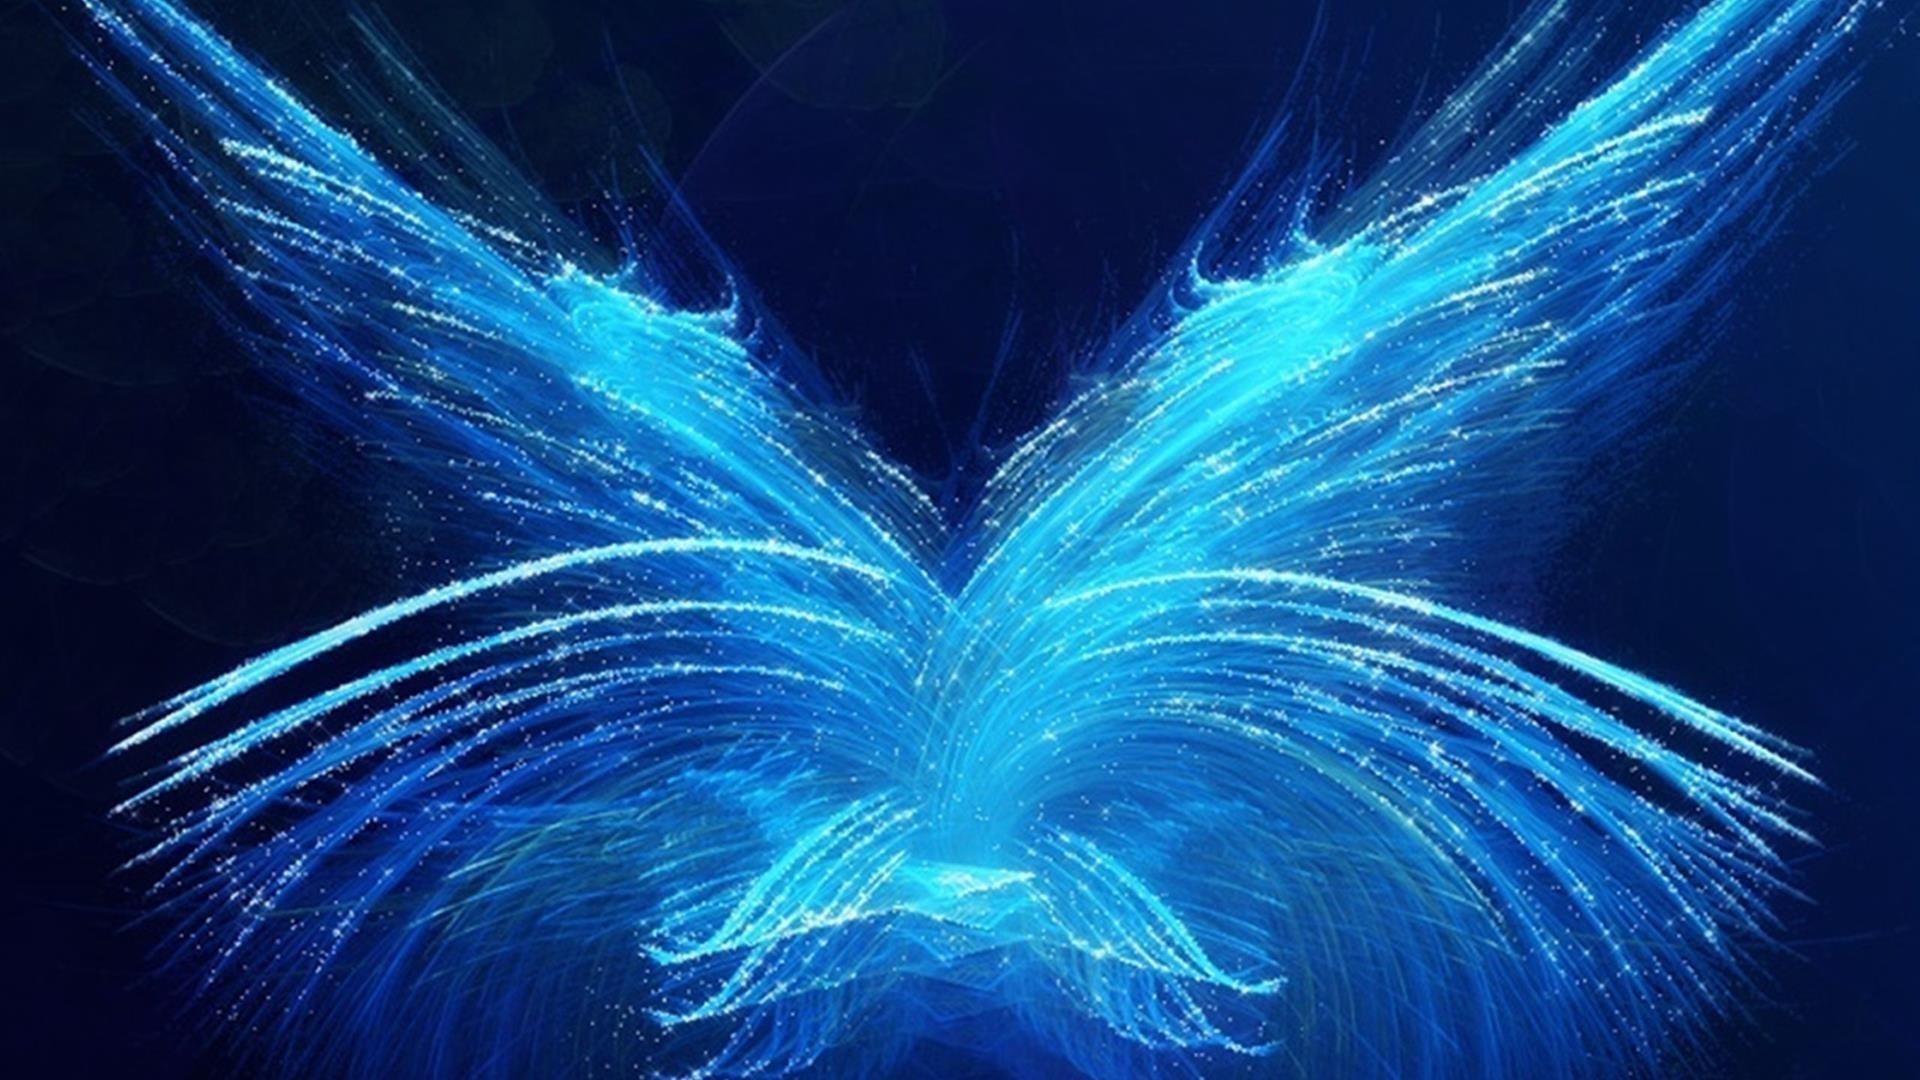 Фрактал синий бабочки аннотация обои скачать